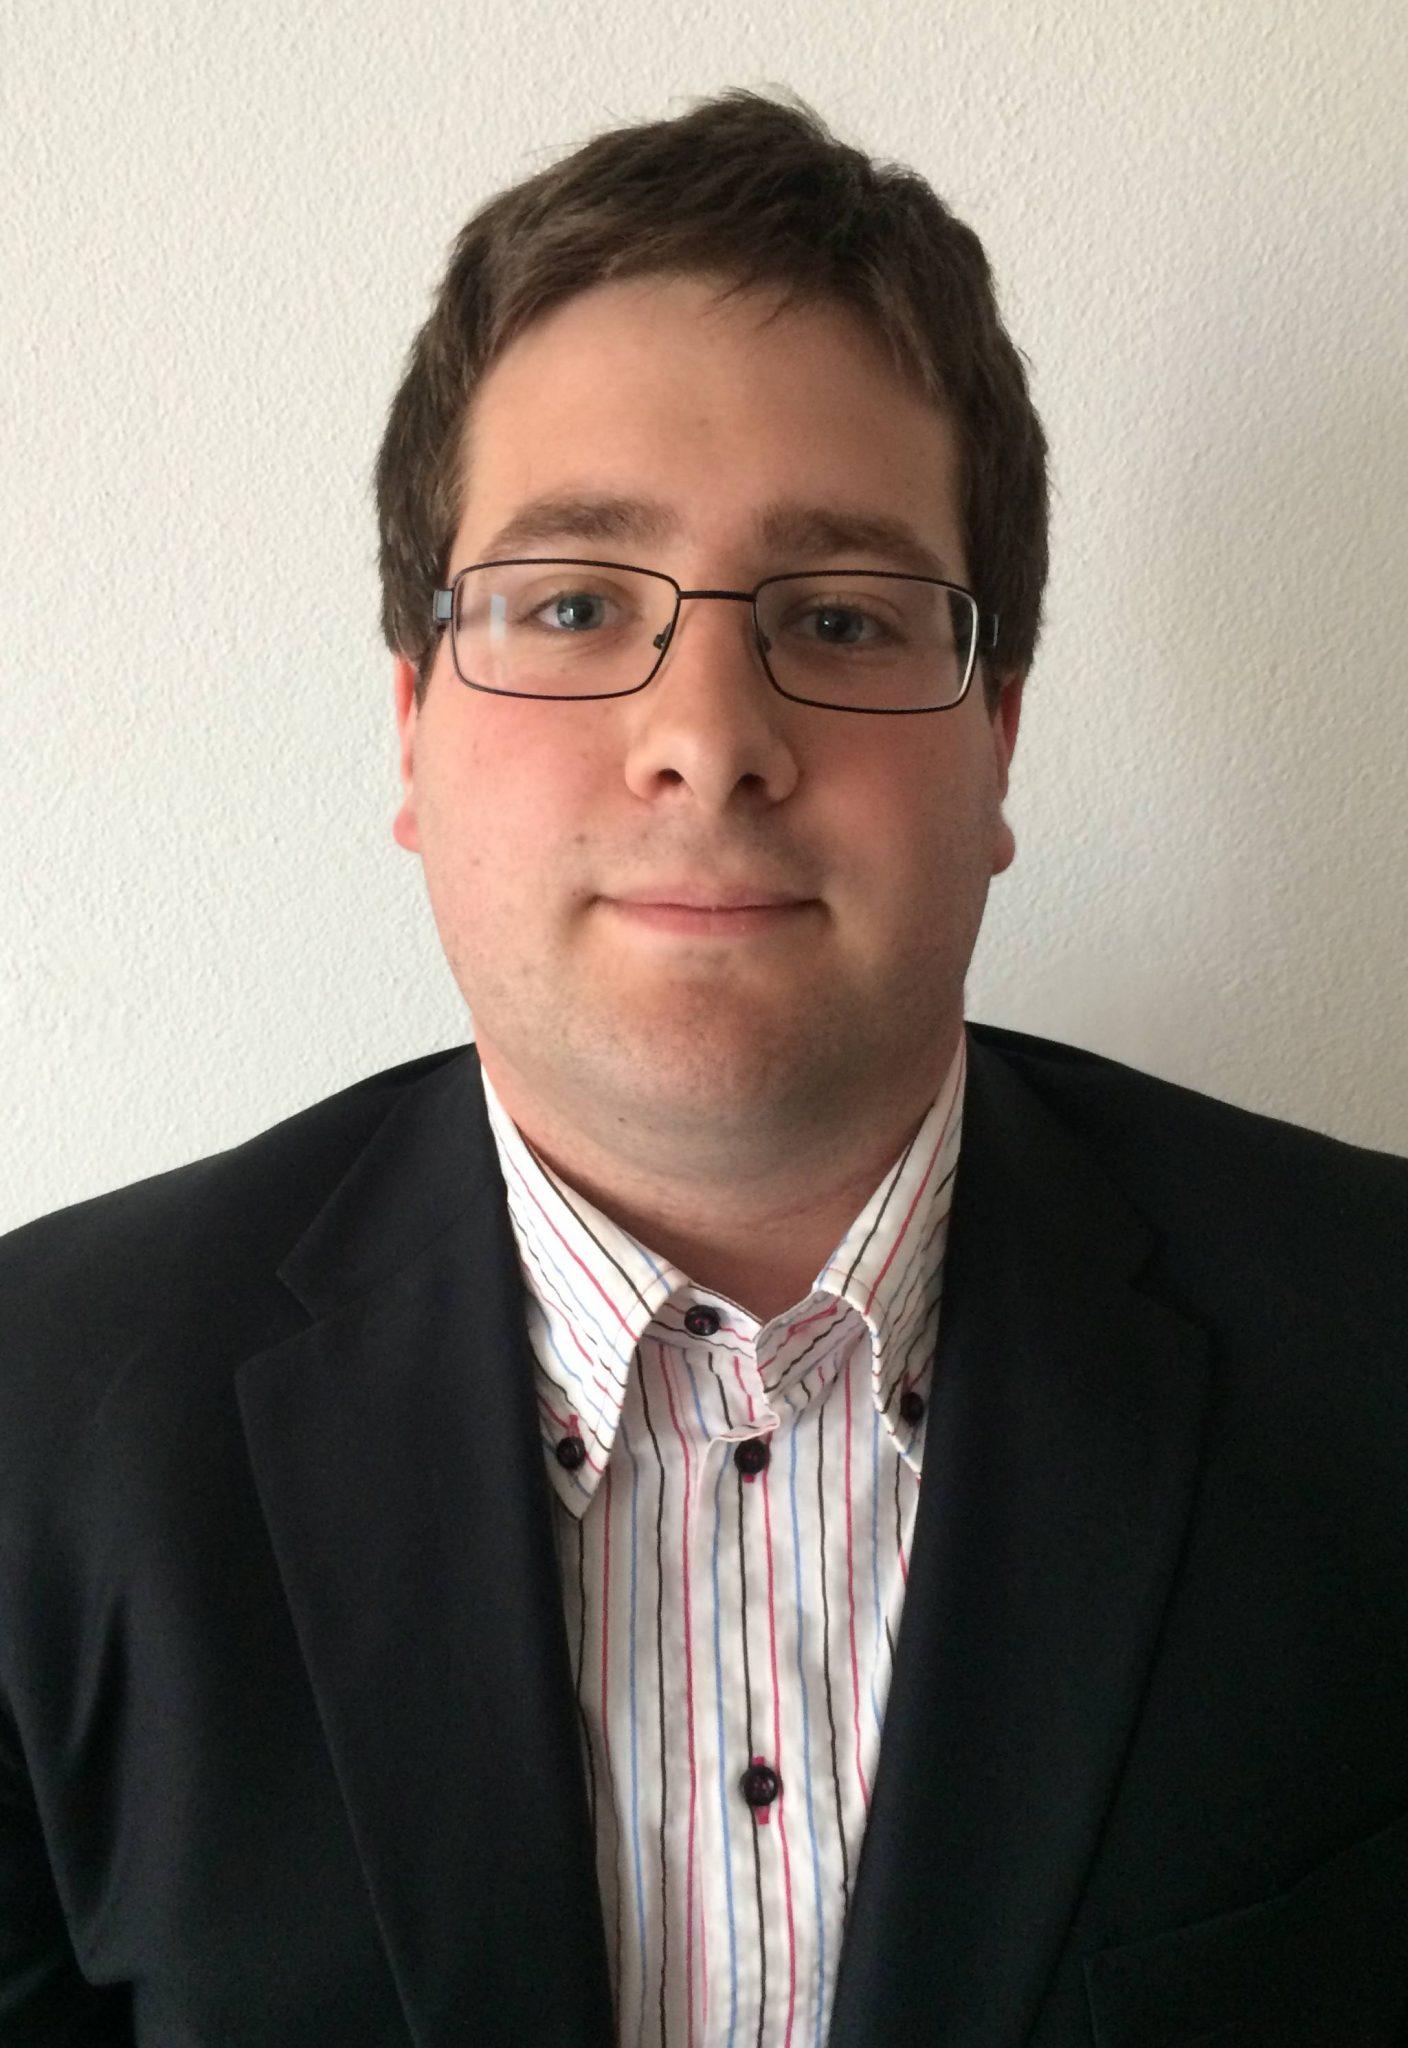 Tim Beltraminelli